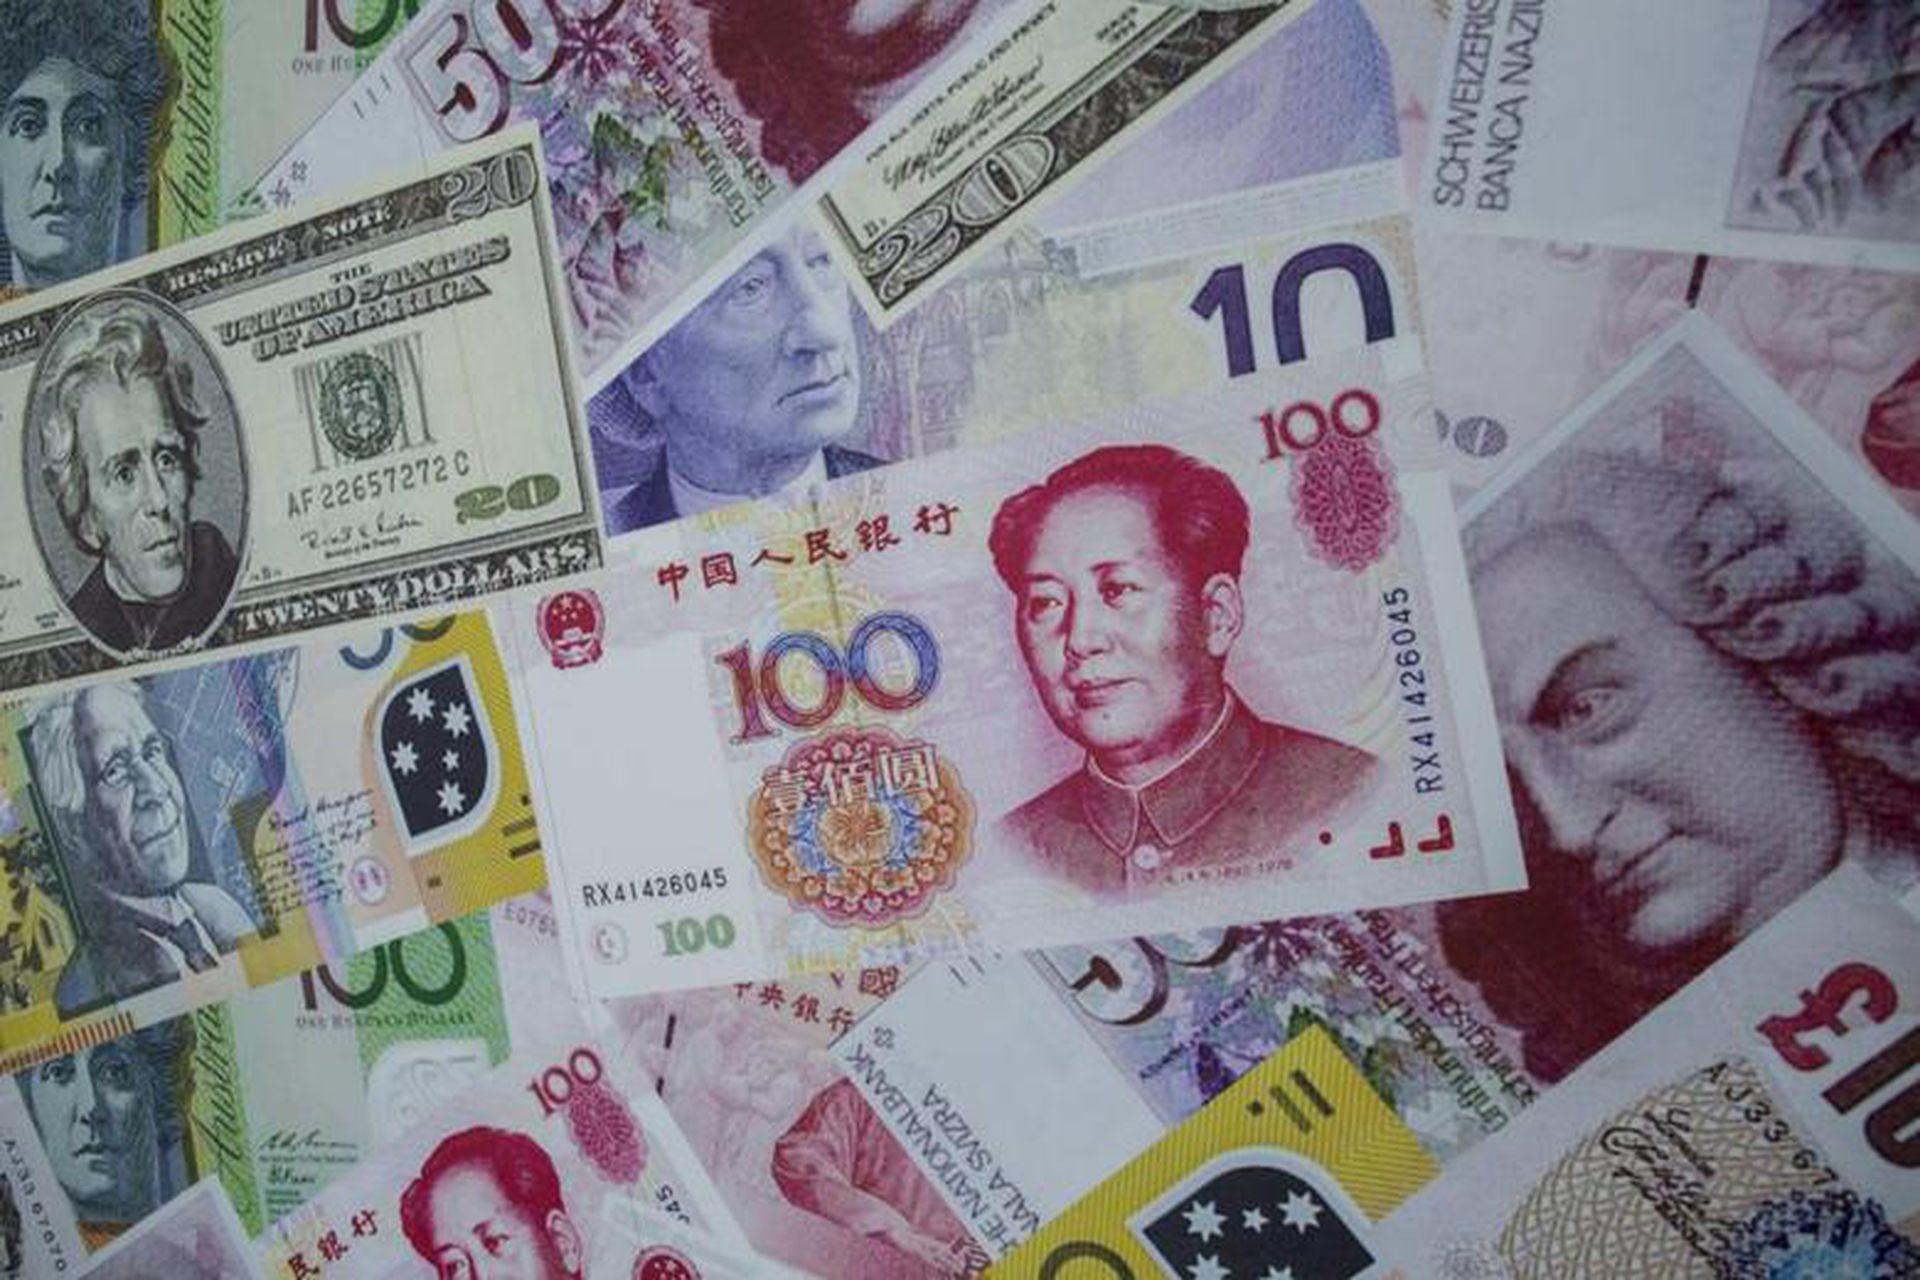 中國外匯交易中心霍穎勵:很多國家願使用人民幣 但實際使用較少